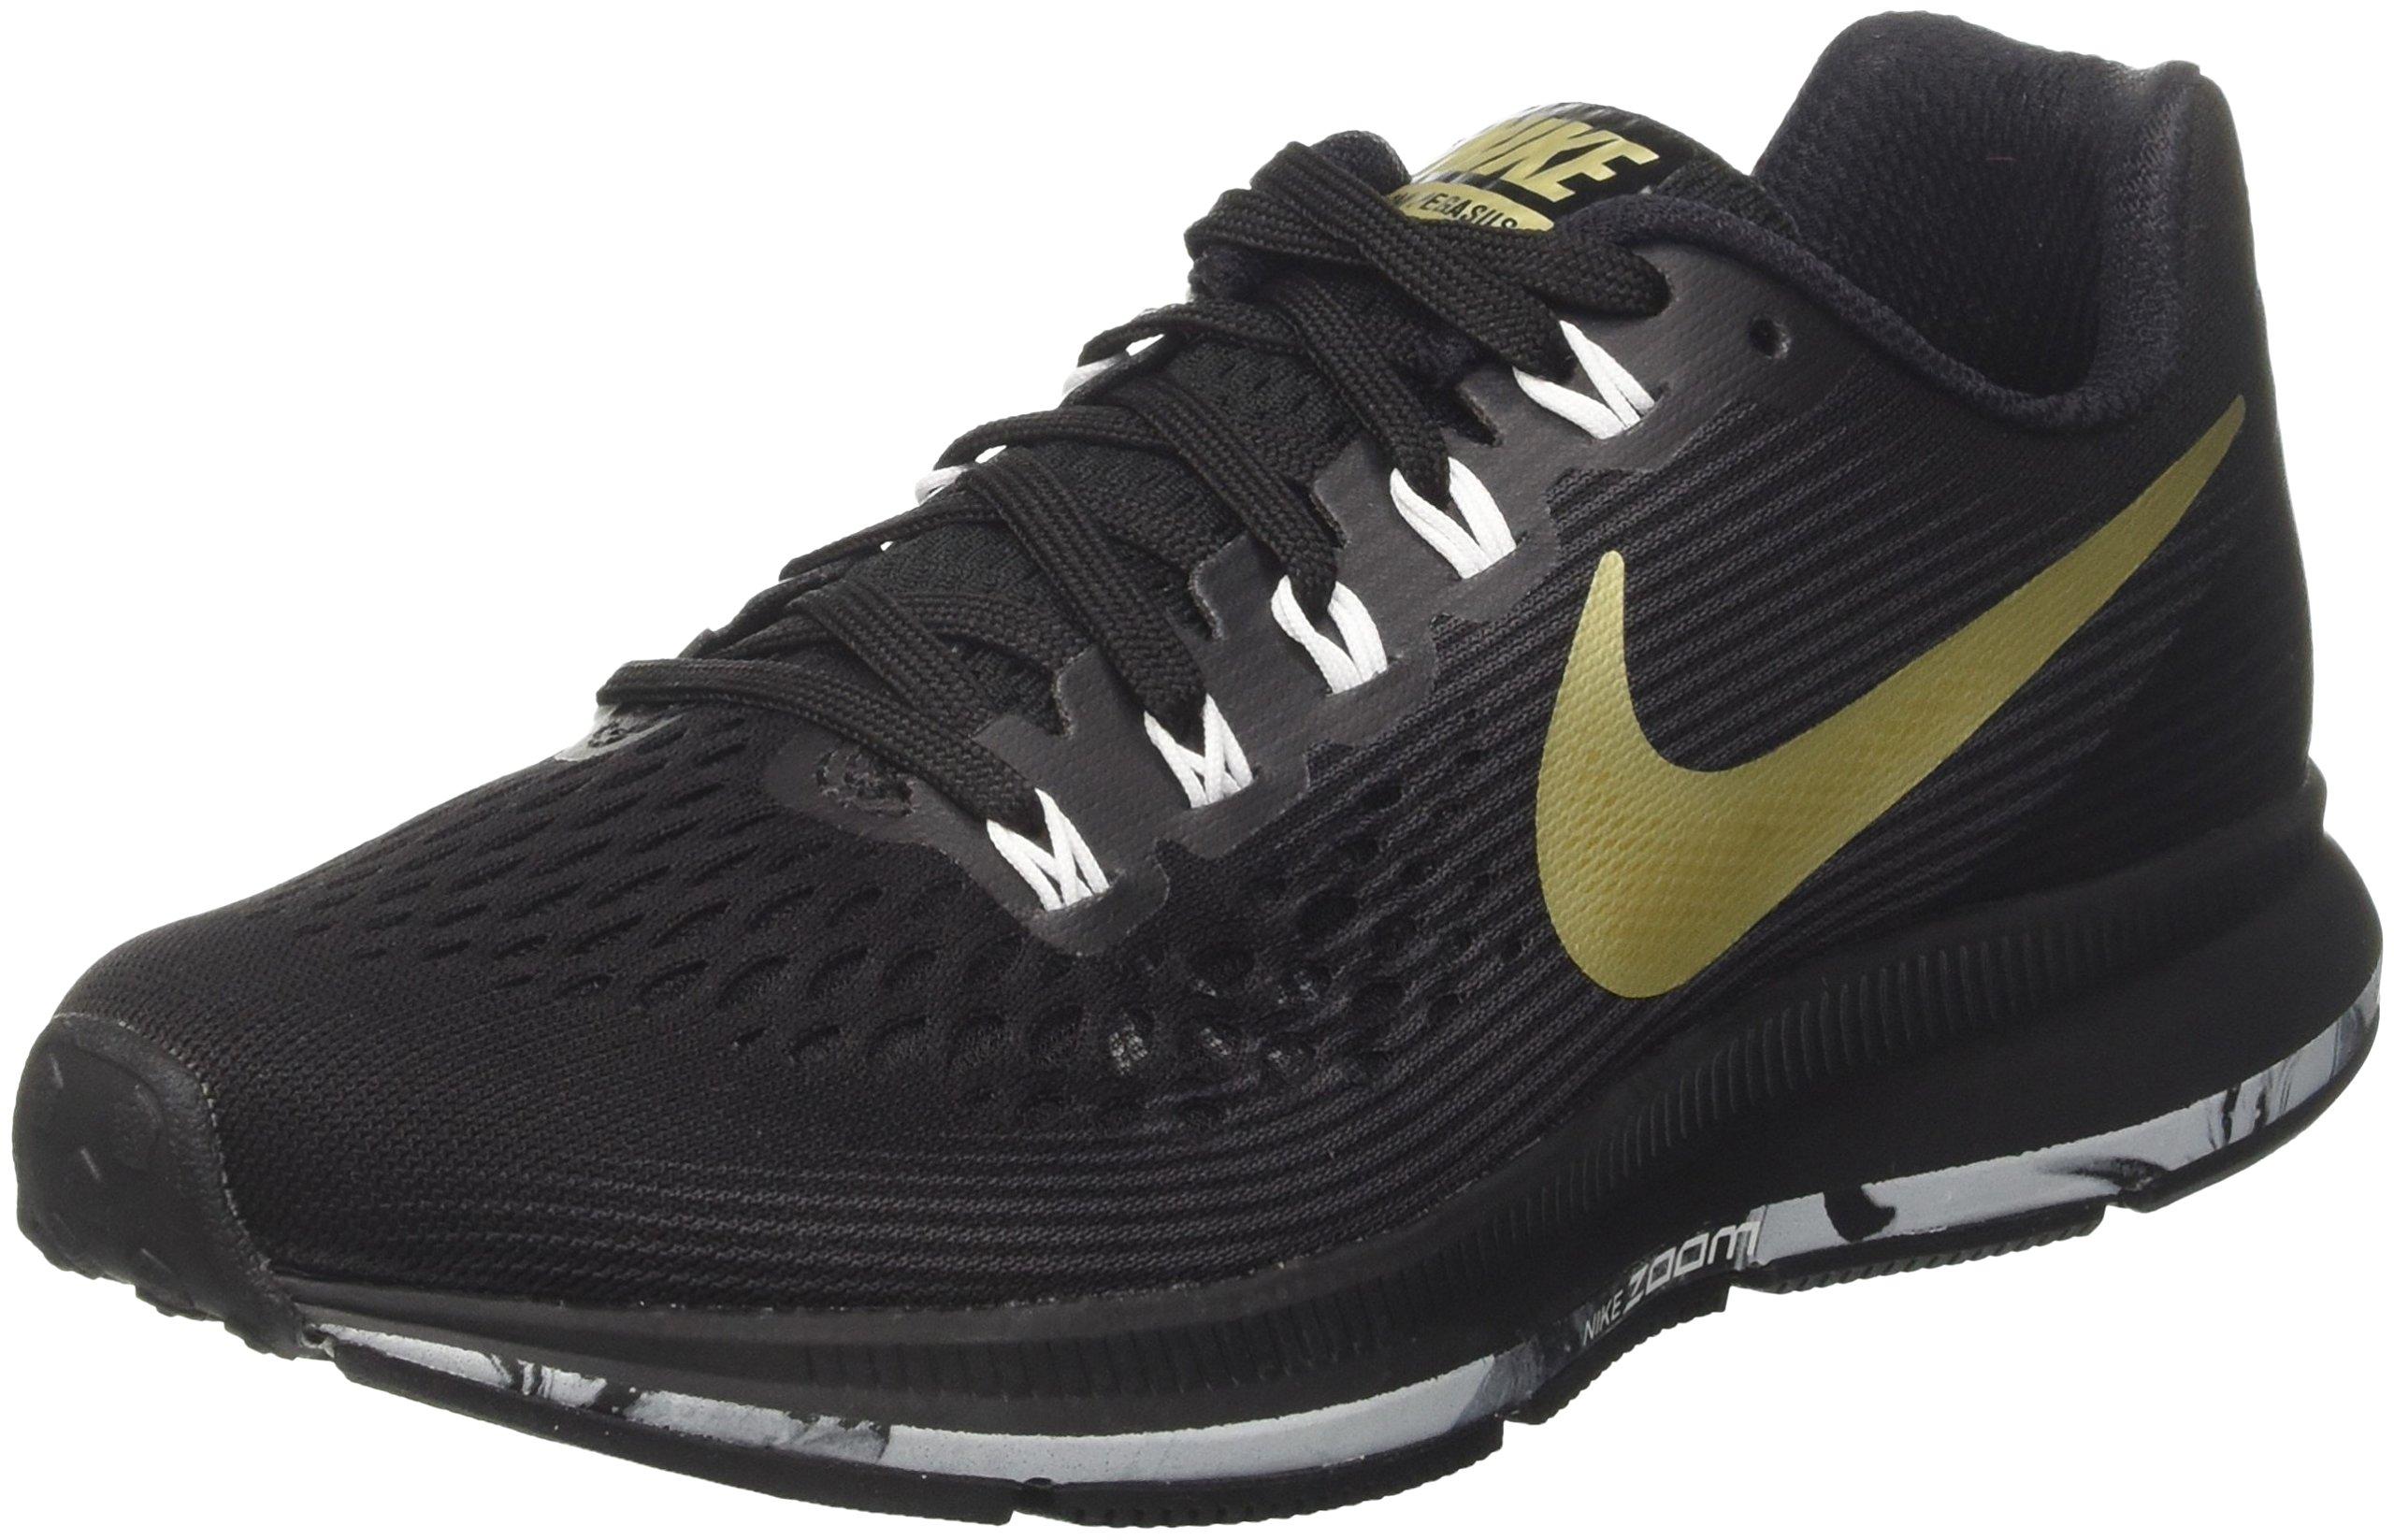 c8bd9f042cf Galleon - Nike Women s Air Zoom Pegasus 34 Running Shoe Black MTLC Gold Star -Anthracite-White 8.0